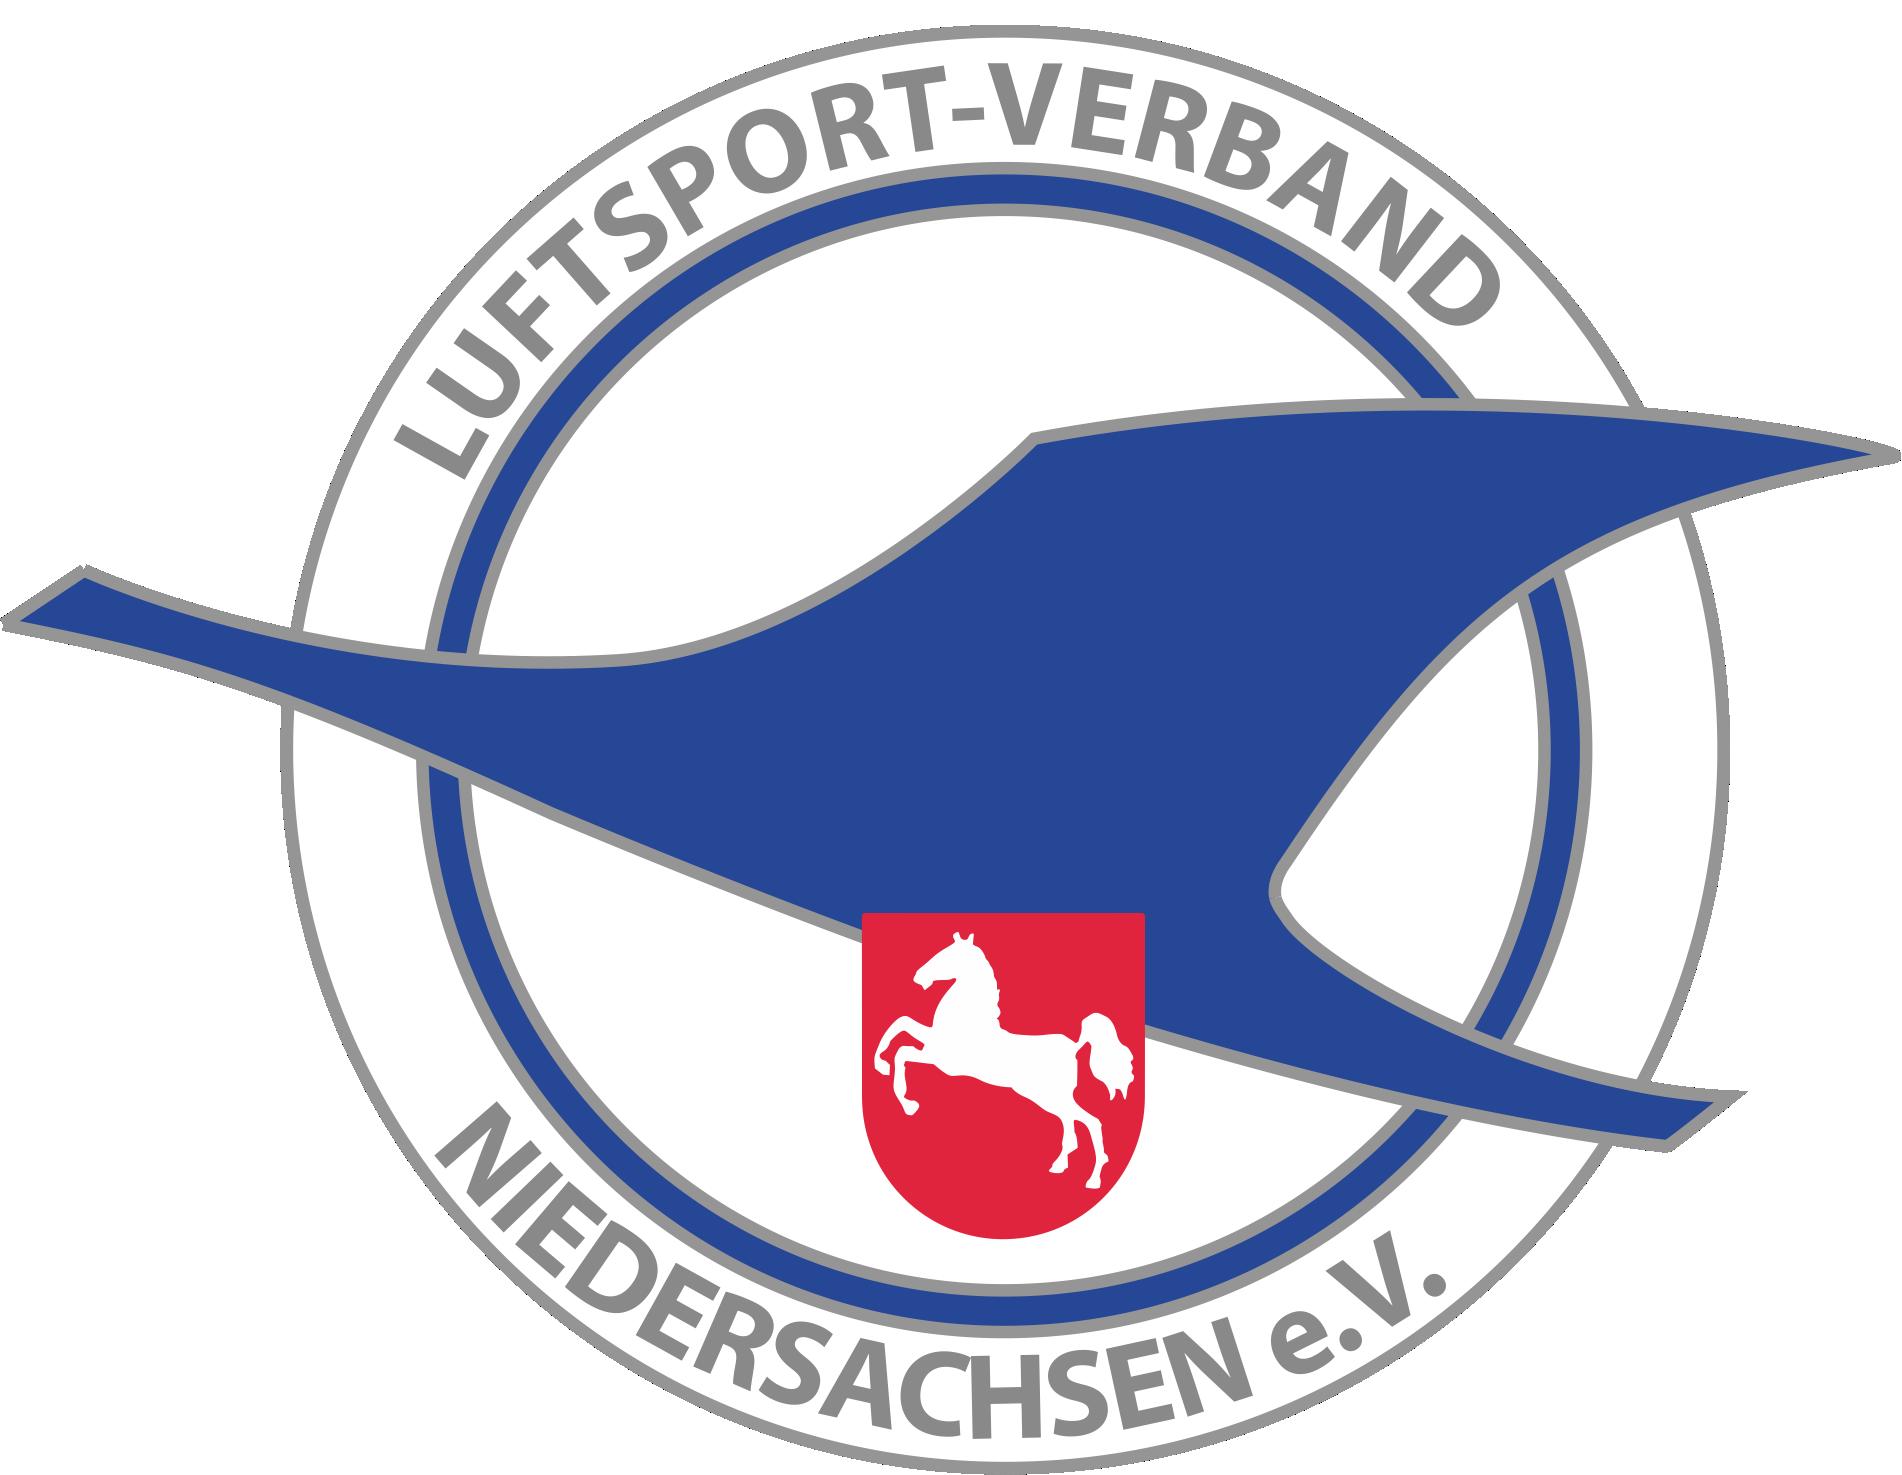 Luftsport-Verband Niedersachsen e.V.